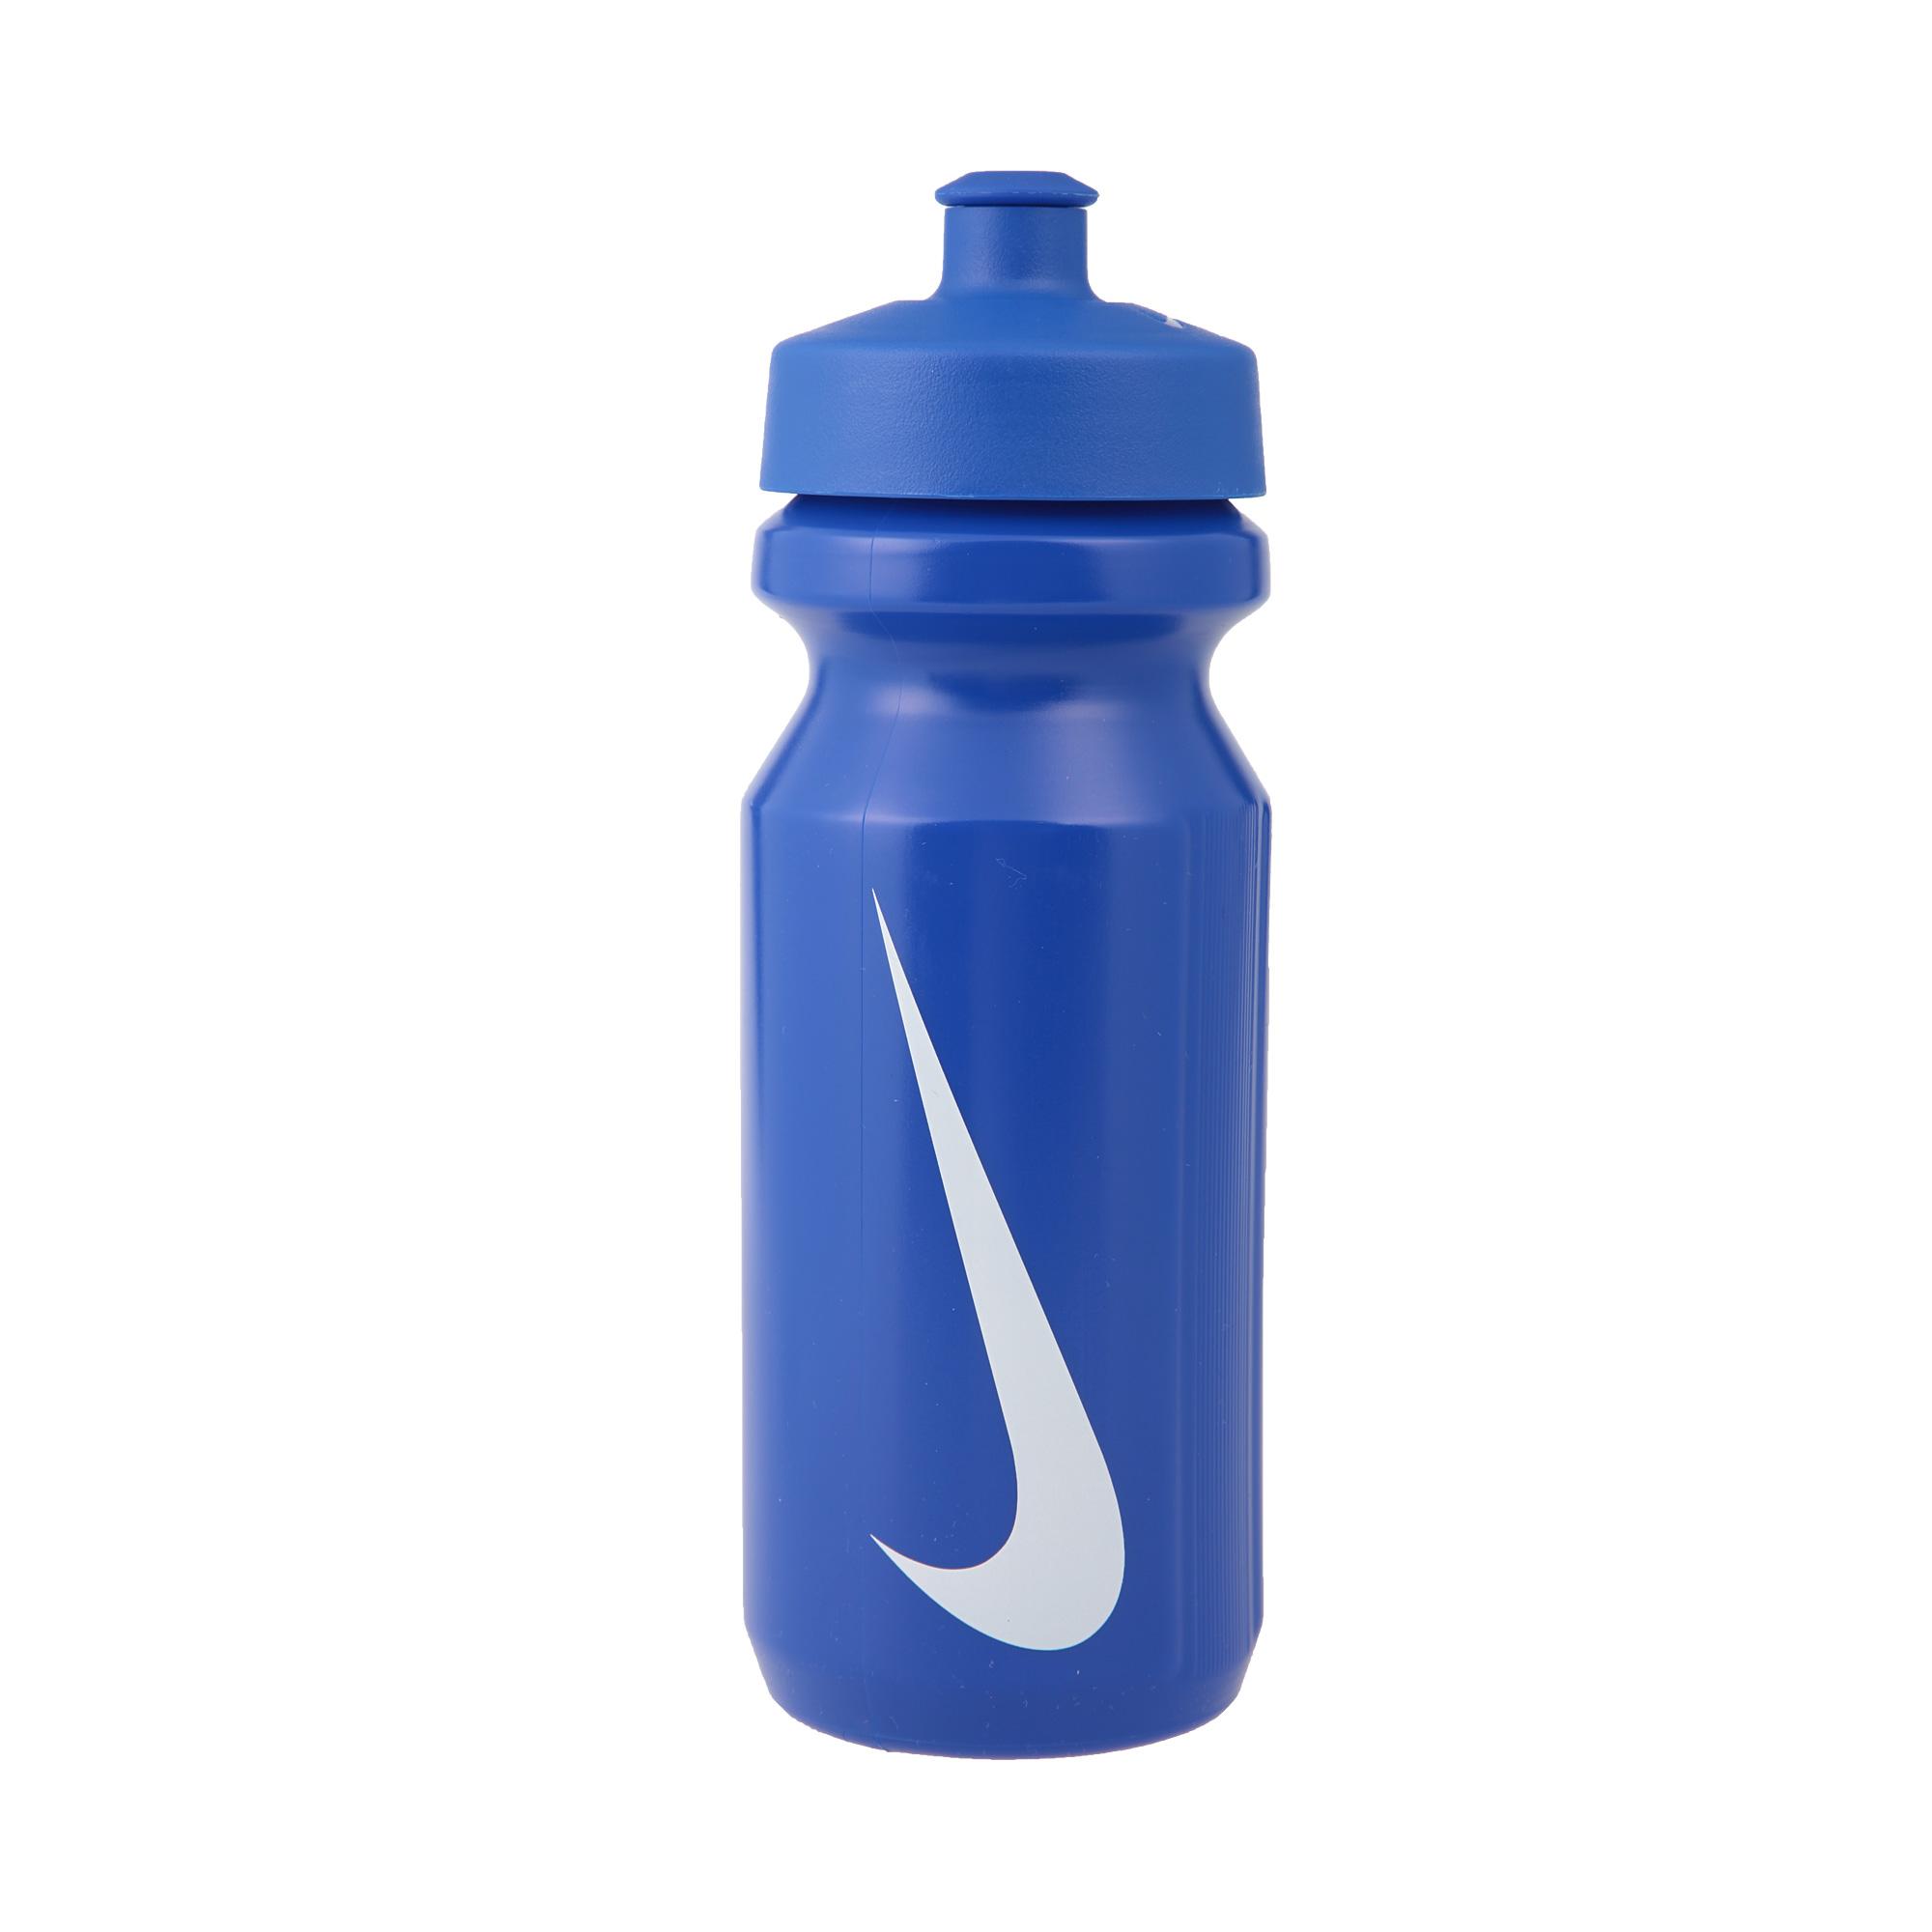 Бутылка для воды Nike (650 мл), Цвет-Синий, Размер-ONE SIZE бутылка для воды xml 650 h20 garrafa termica h2o warter 65568p8